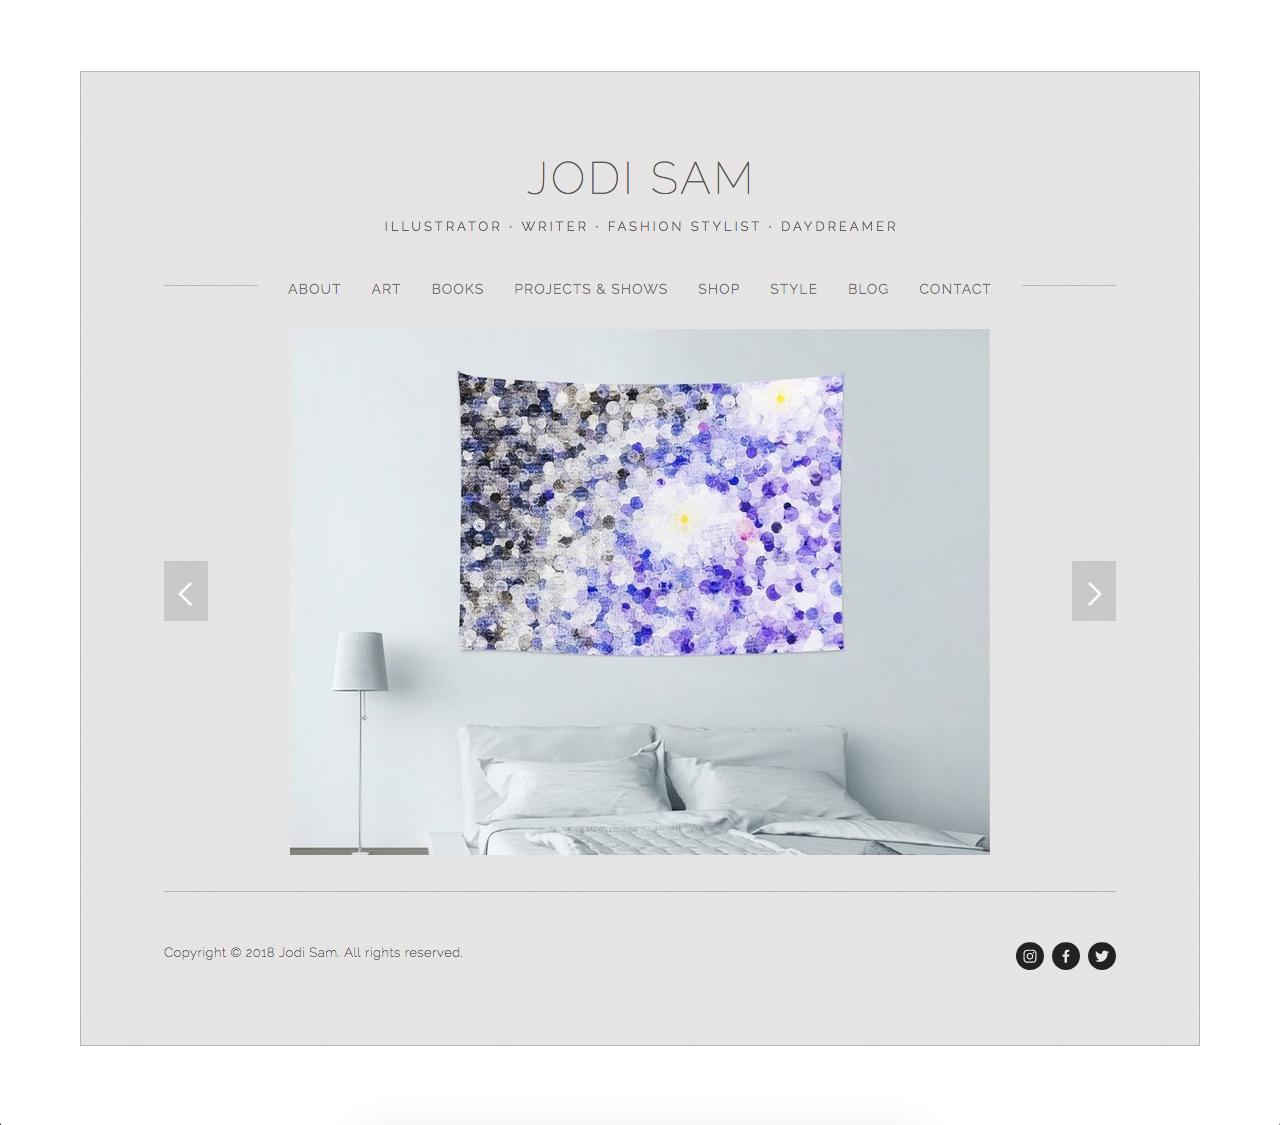 jodisam.com2018.jpg